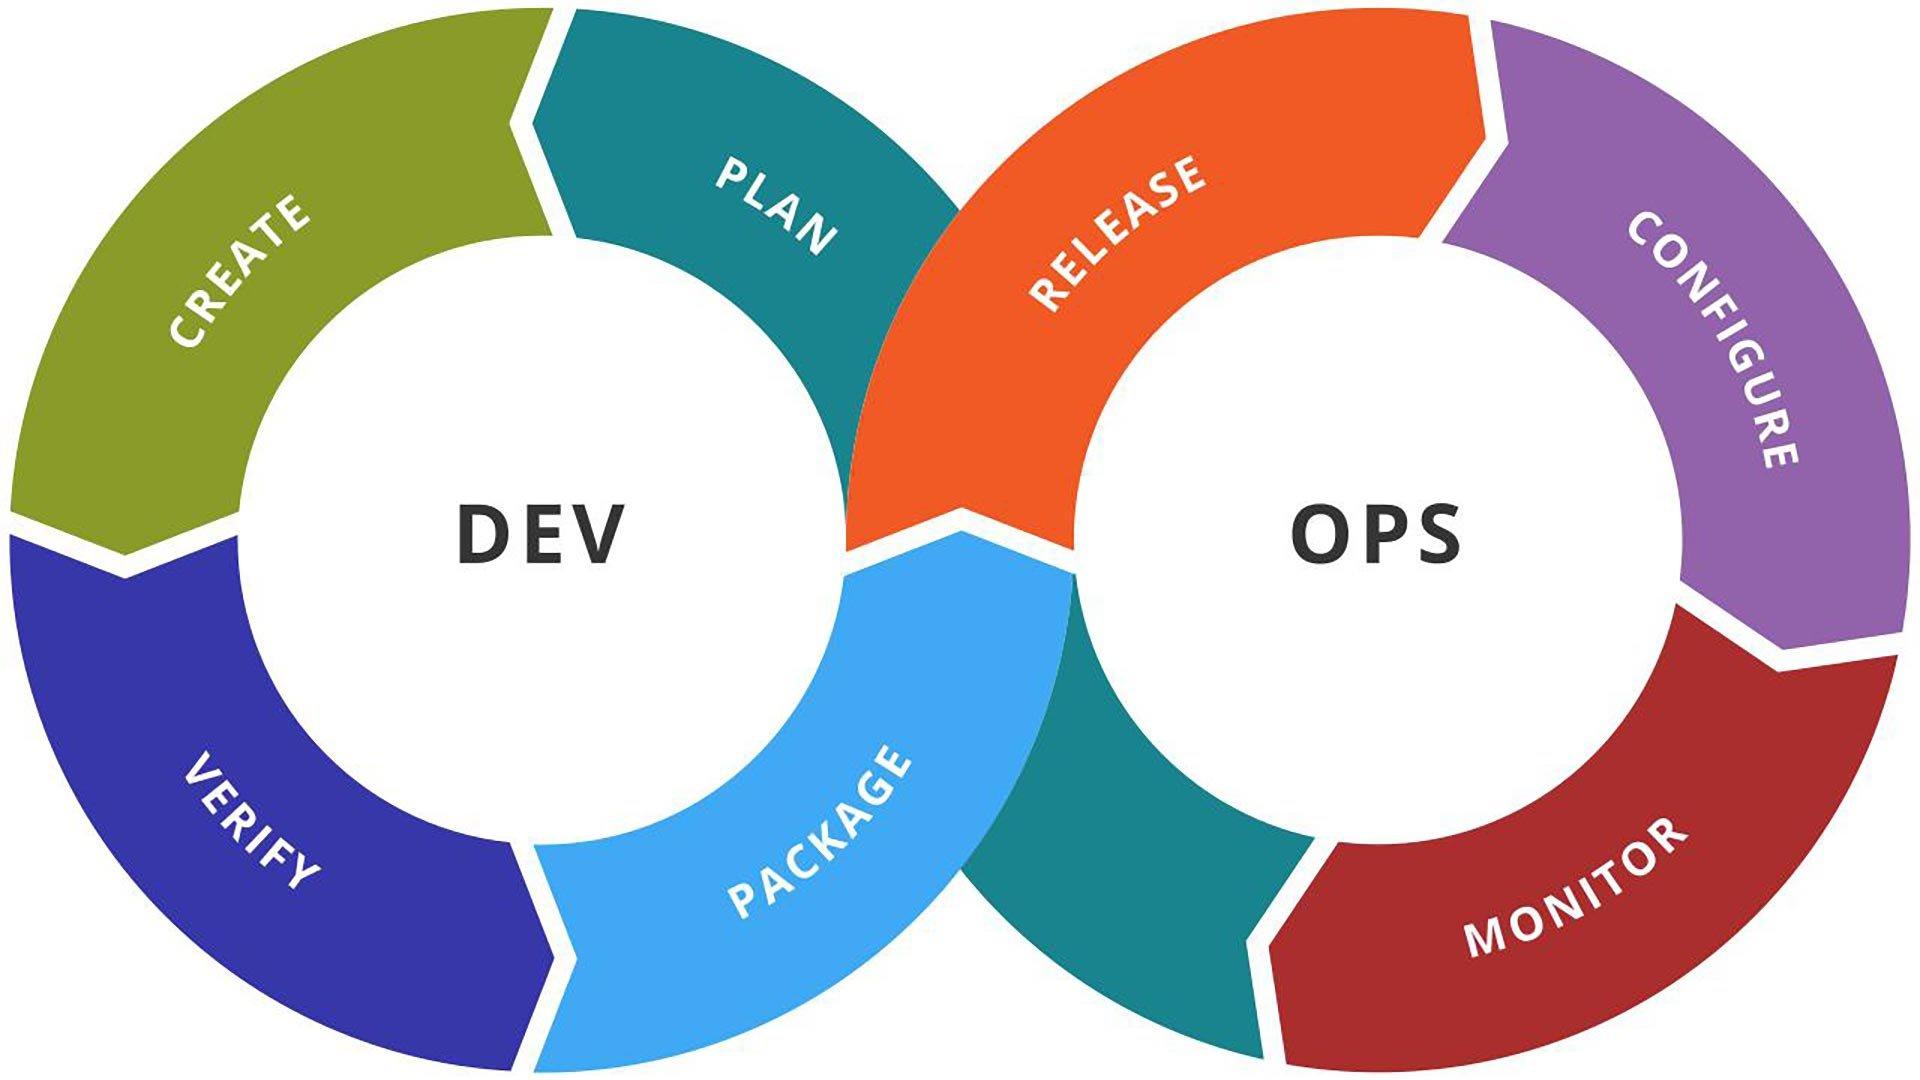 Extra Red - DevOps methodology